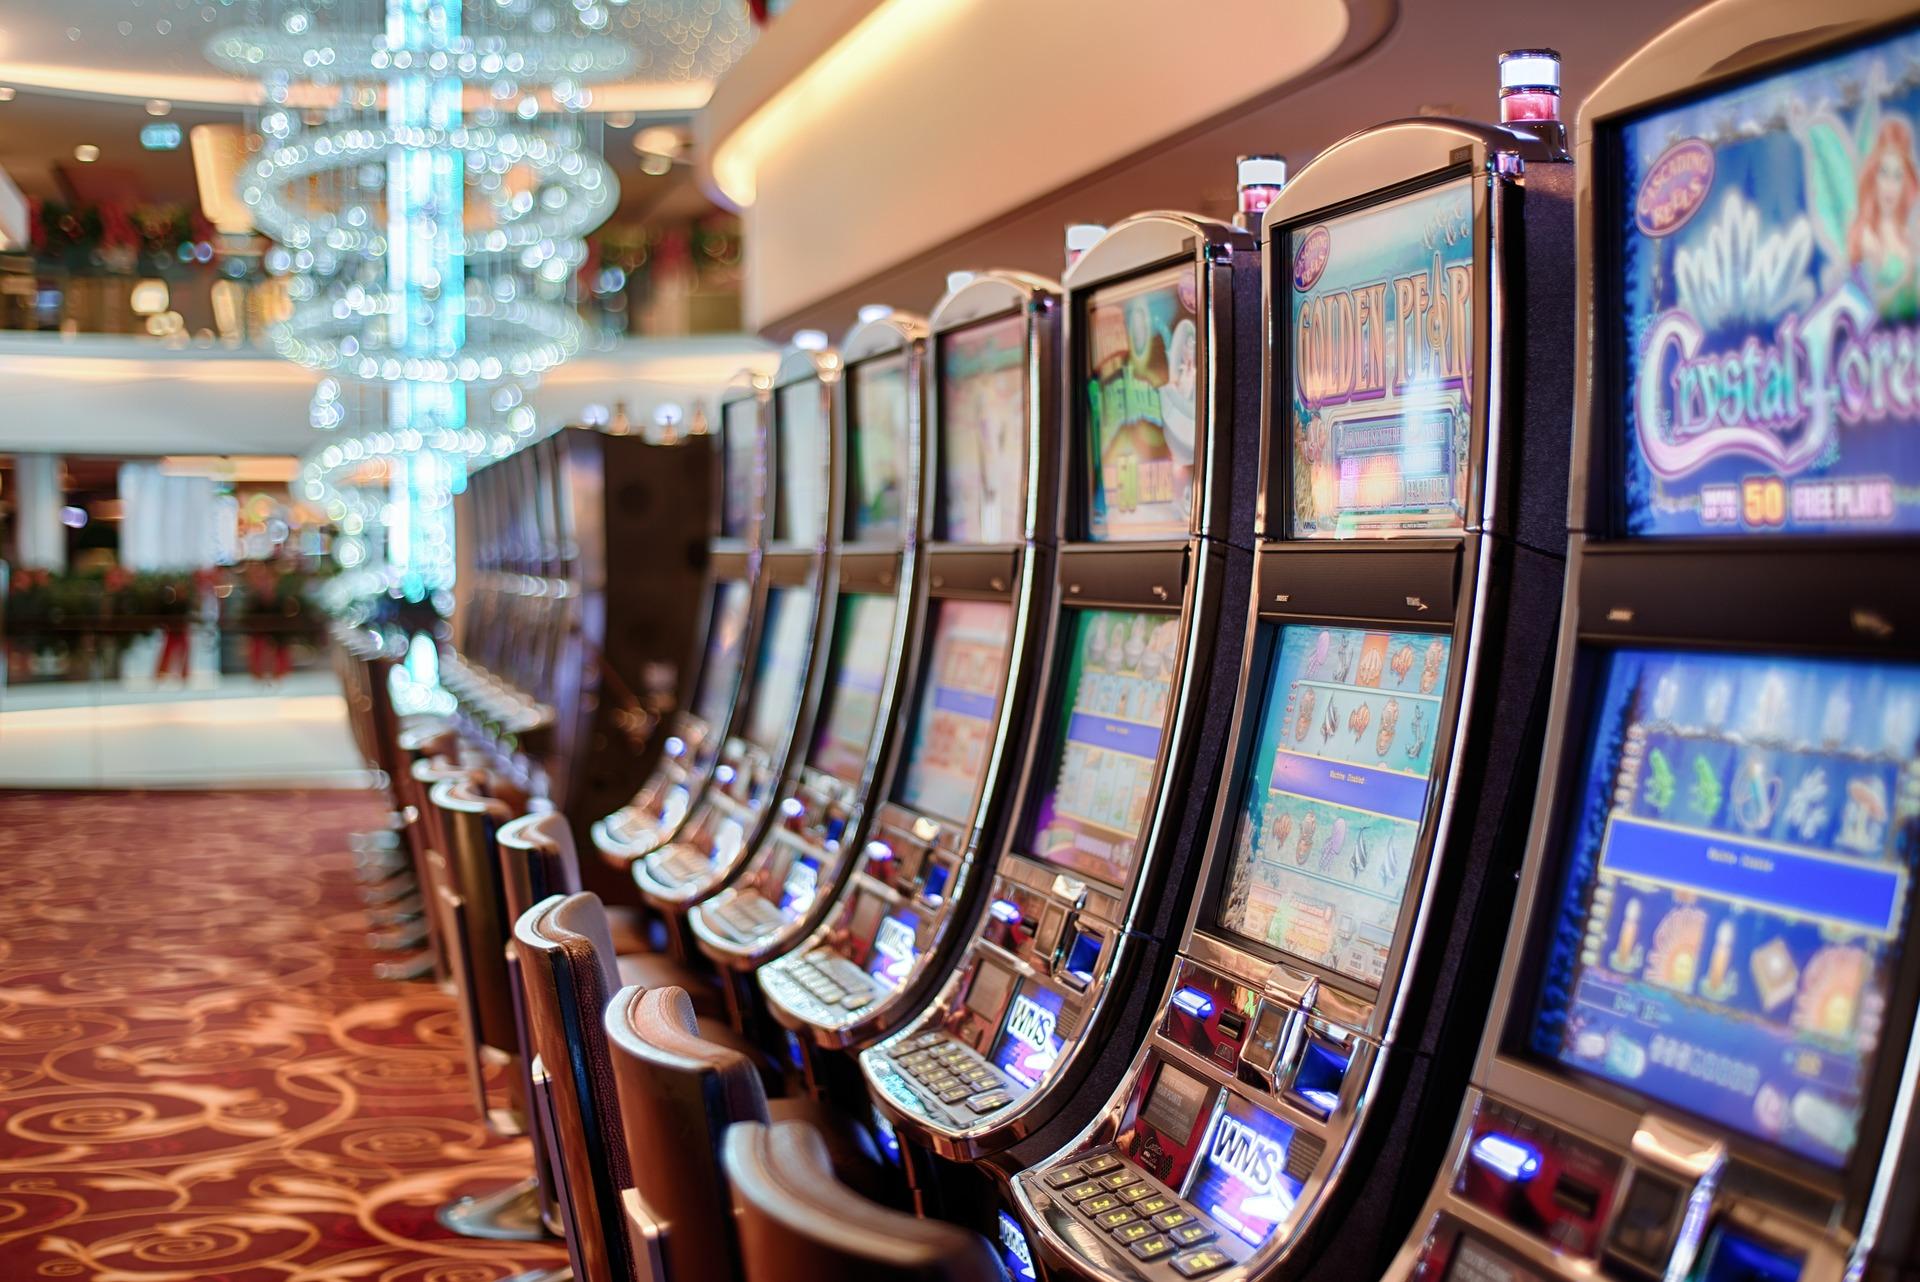 finlandia casinon ilmaiset pelikierrokset